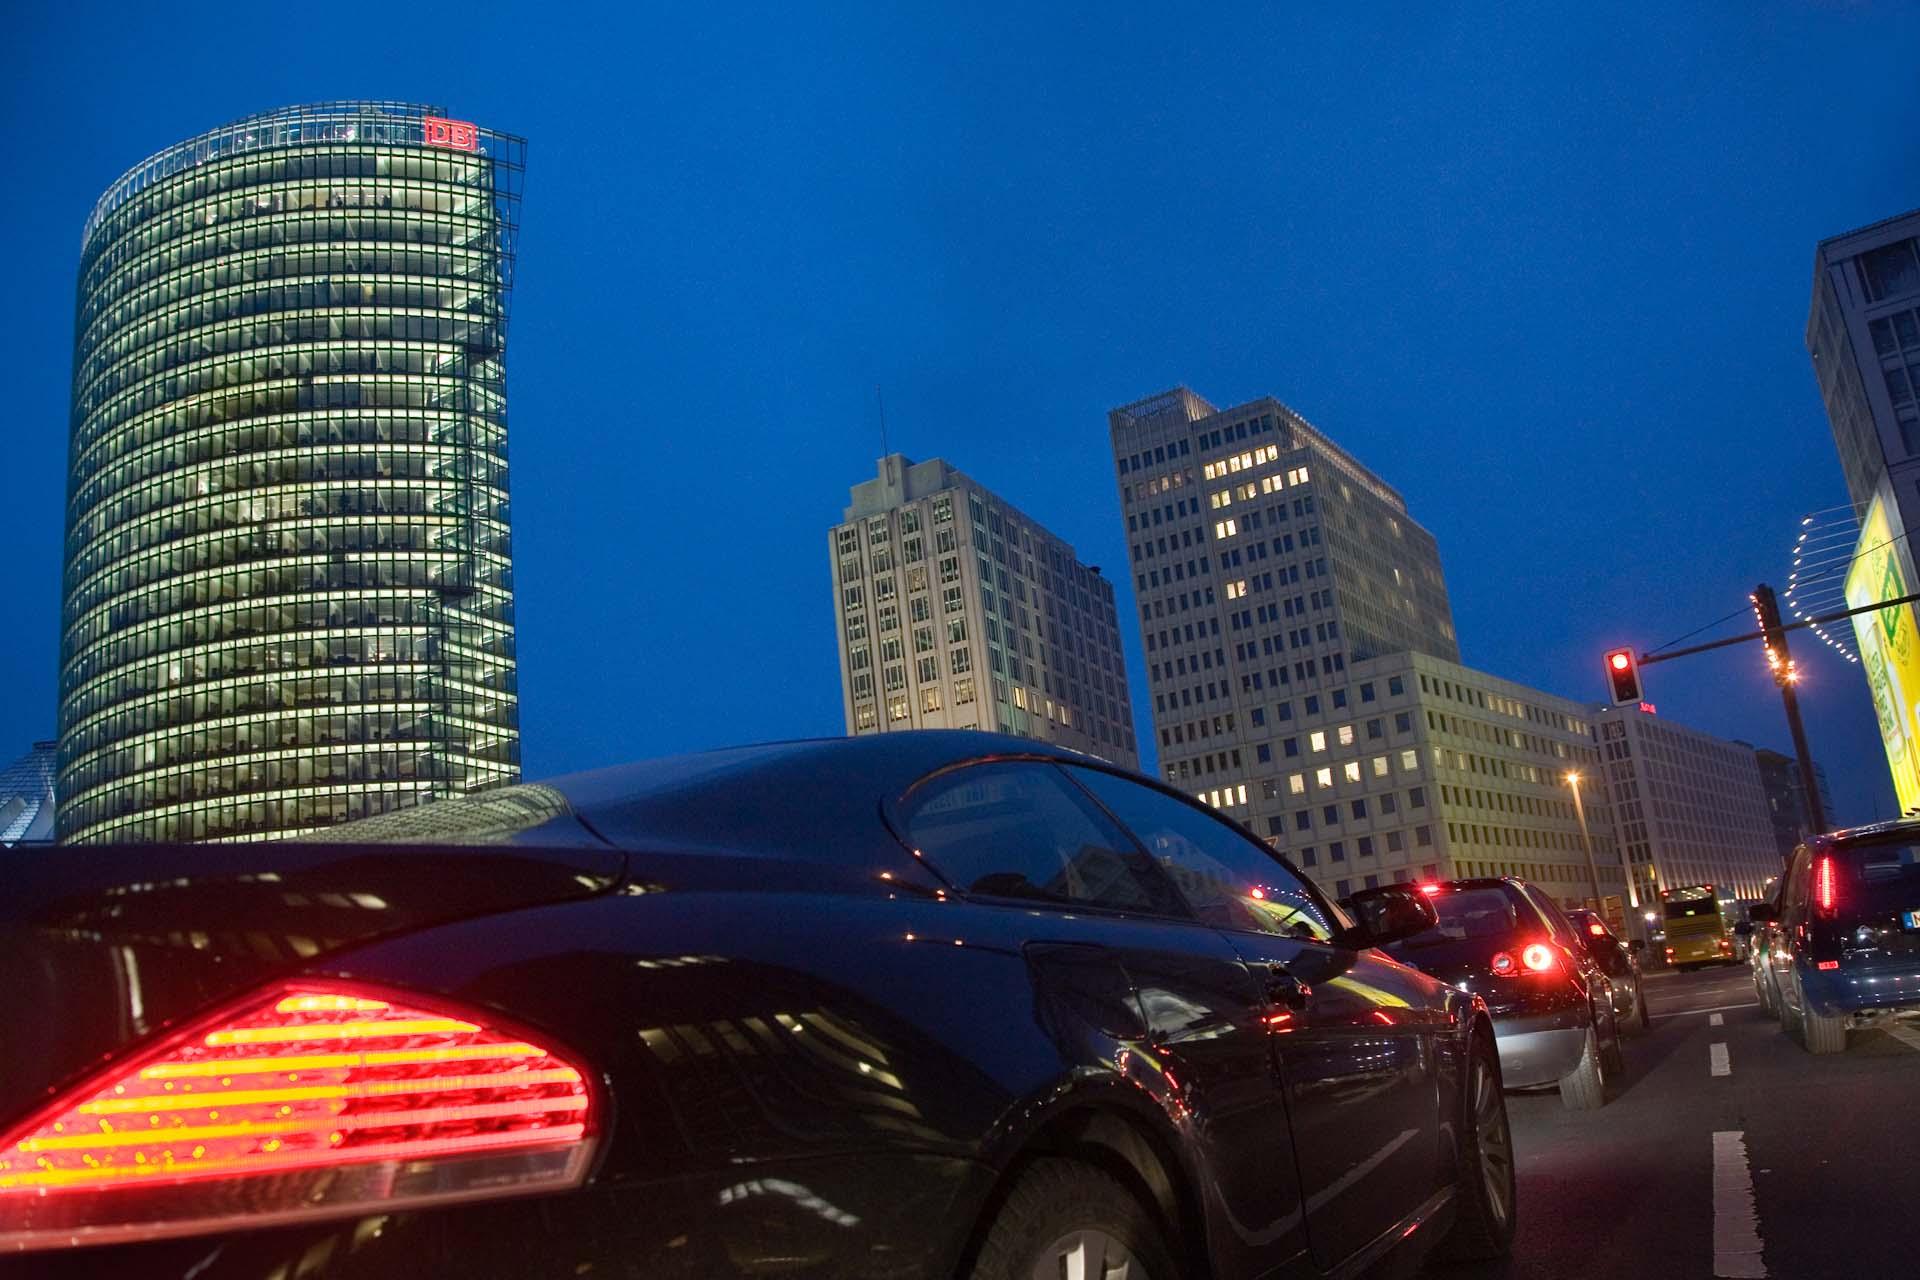 Abendlicher Verkehr am Potsdamer Platz.